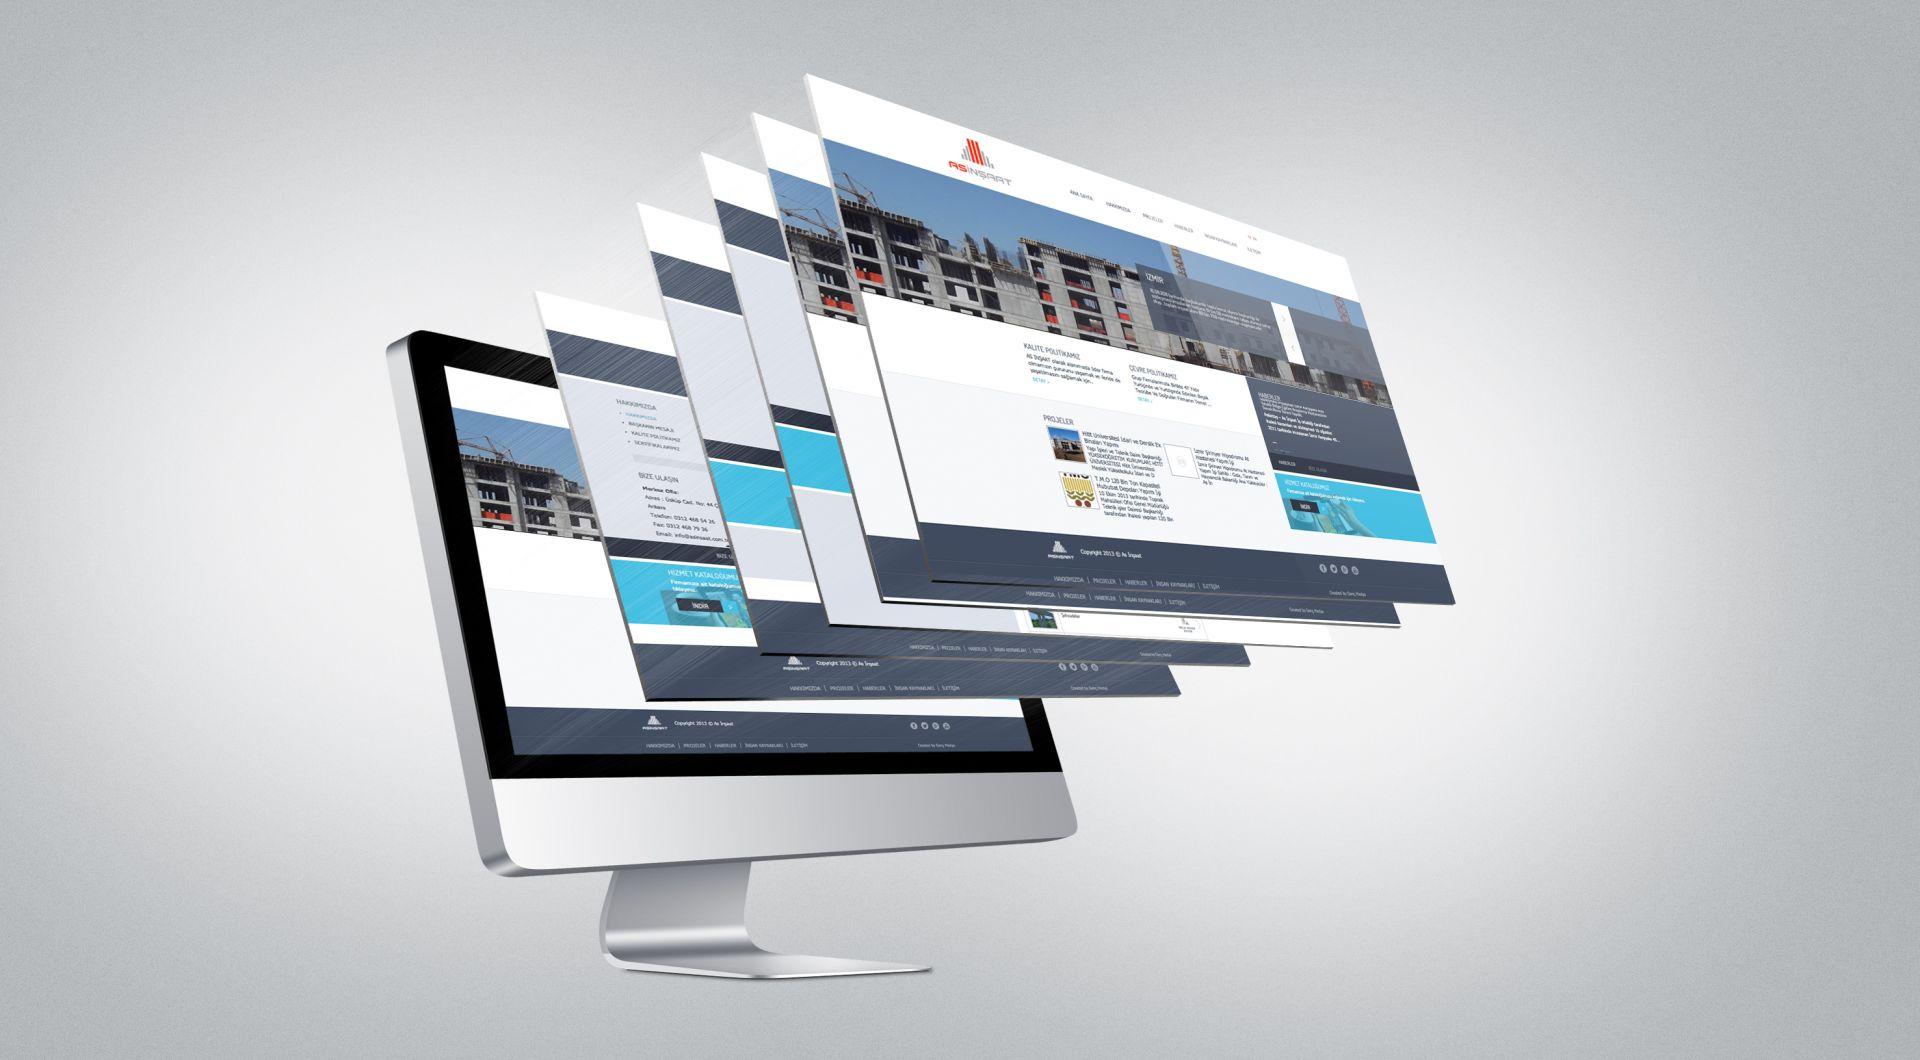 веб-дизайна при разработке сайта